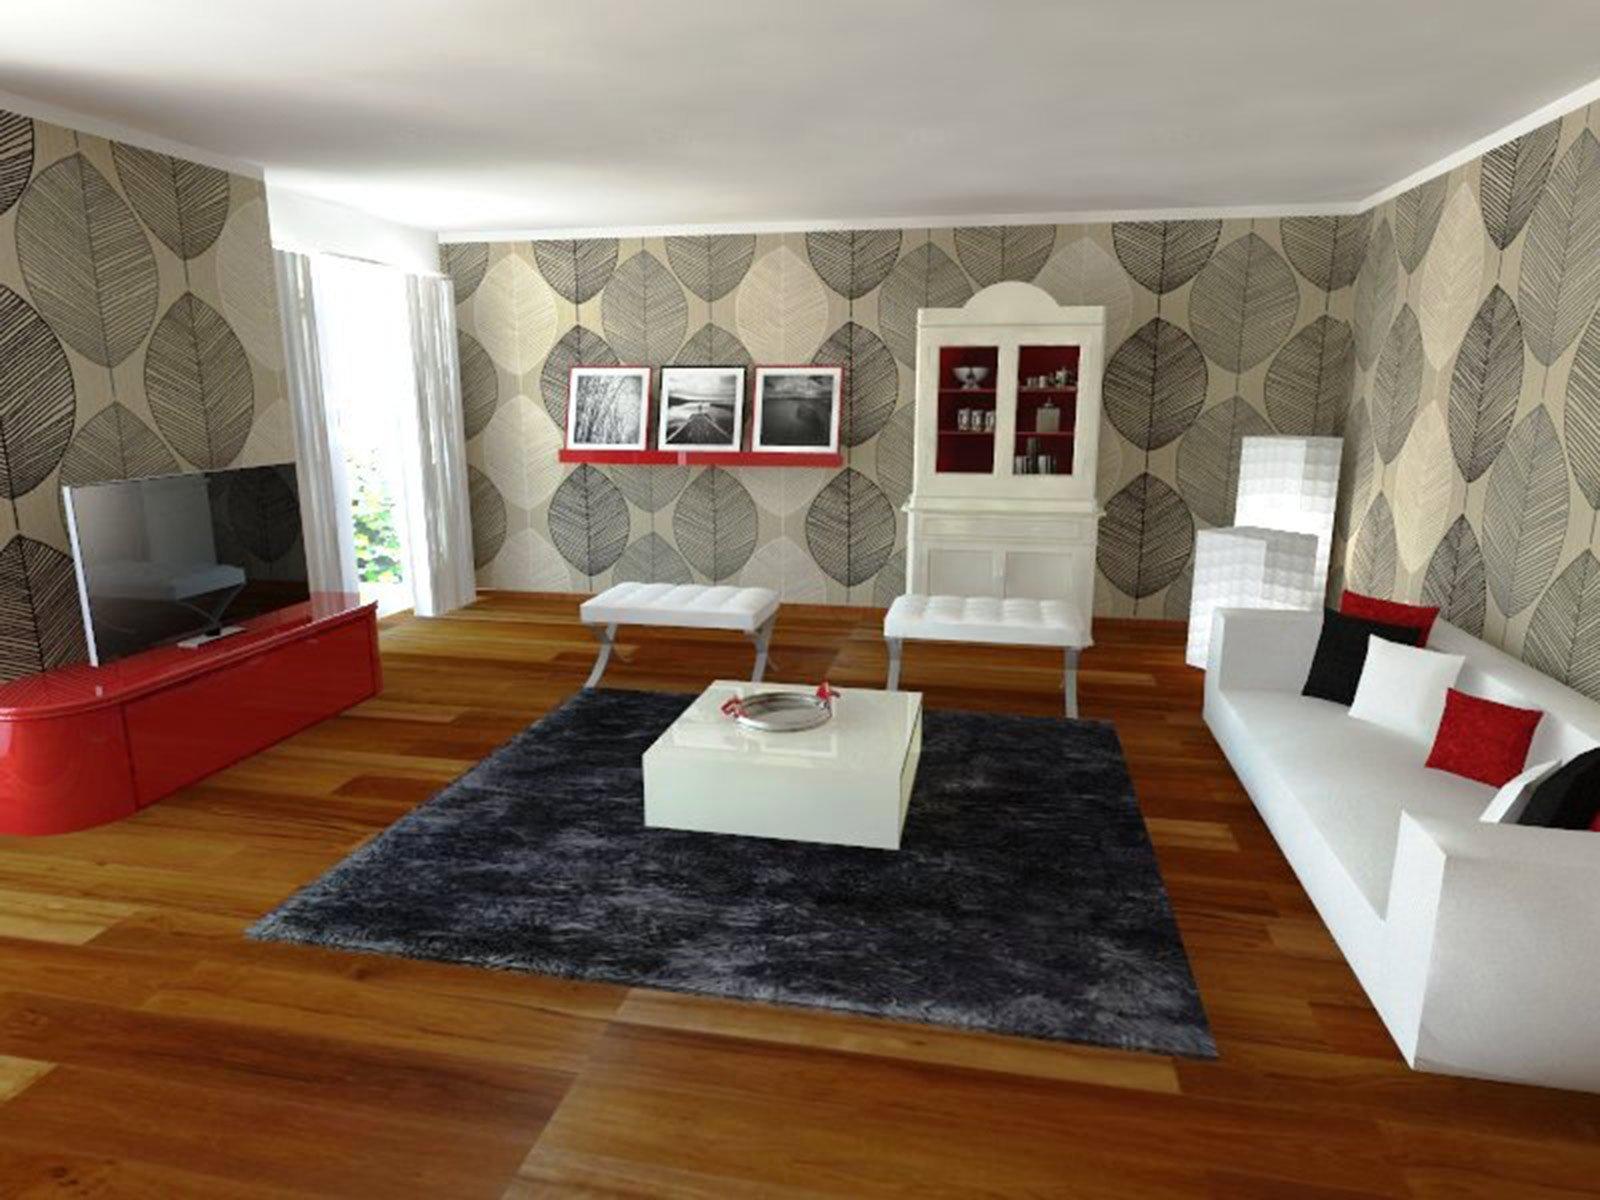 Casabook immobiliare mobile antico o in stile come for Colori mobili moderni